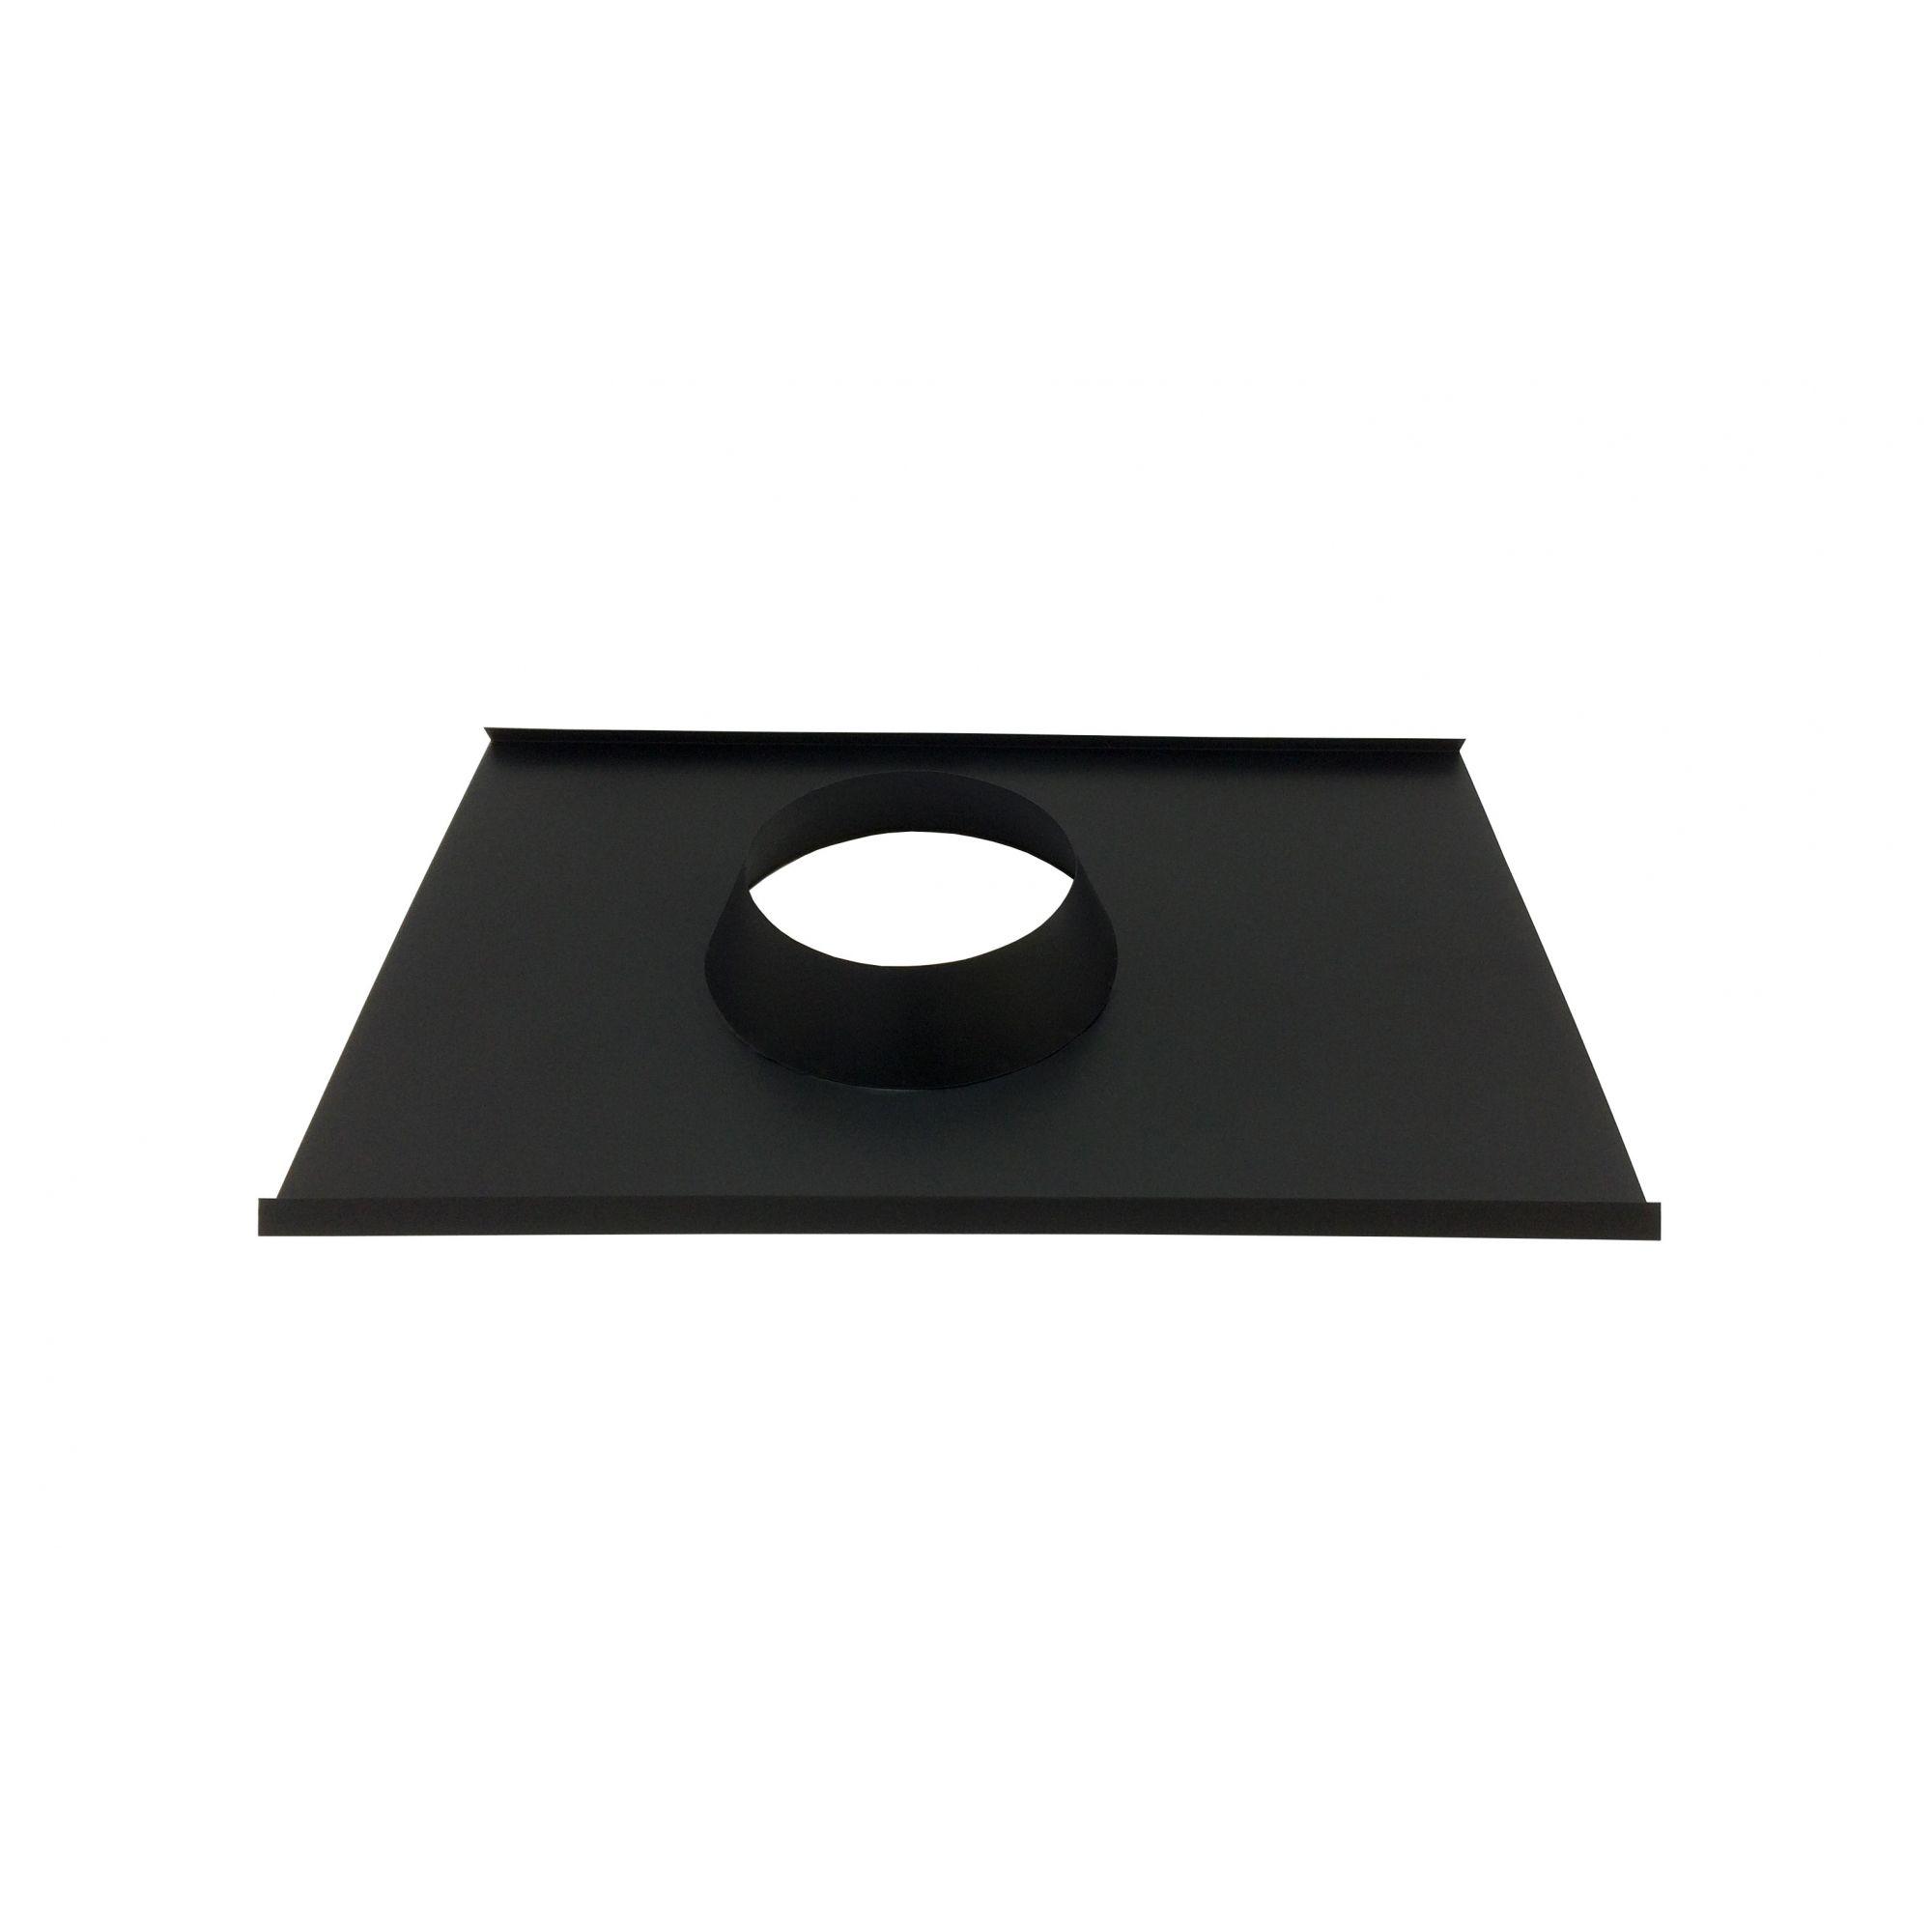 Rufo colarinho de telhado preto para chaminé de 115 mm de diâmetro  - Galvocalhas